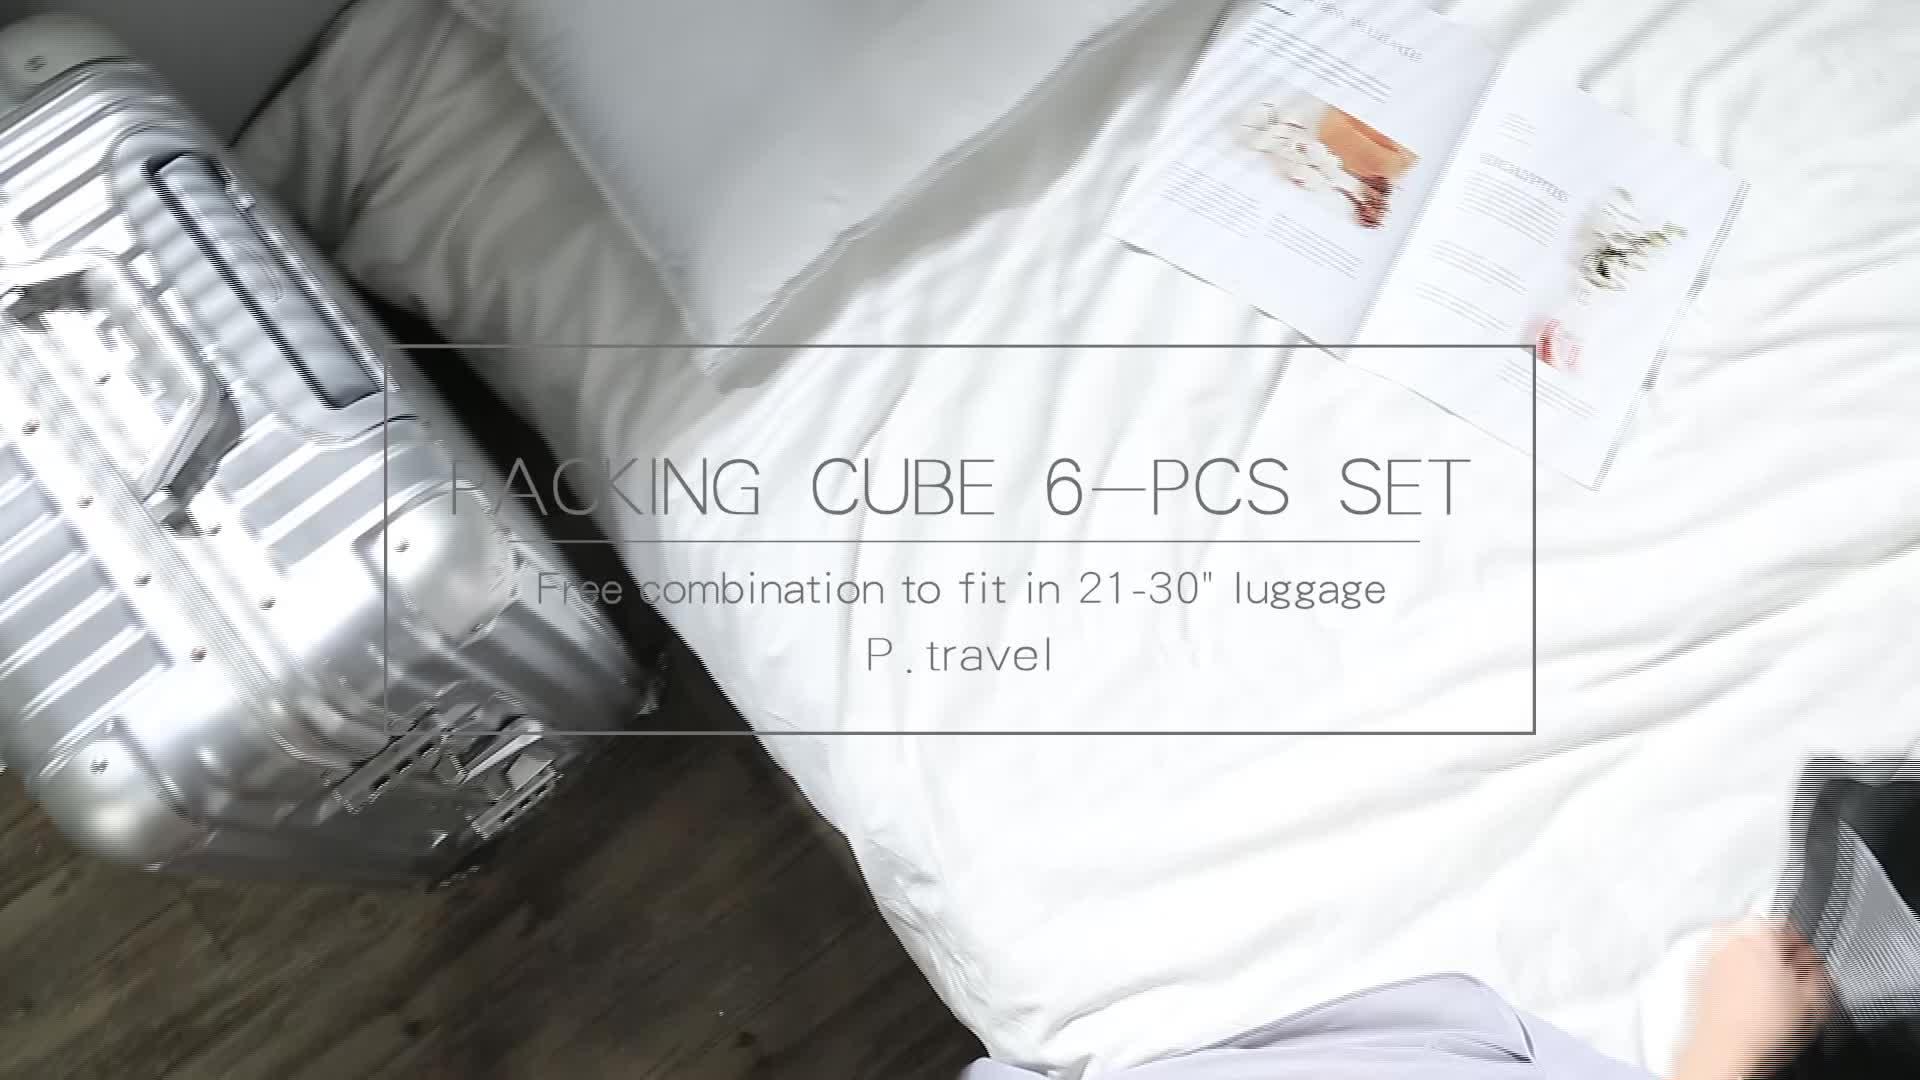 P. reizen Waterdicht 6 stuks Verpakking Cubes Reizen Bagage Organizer